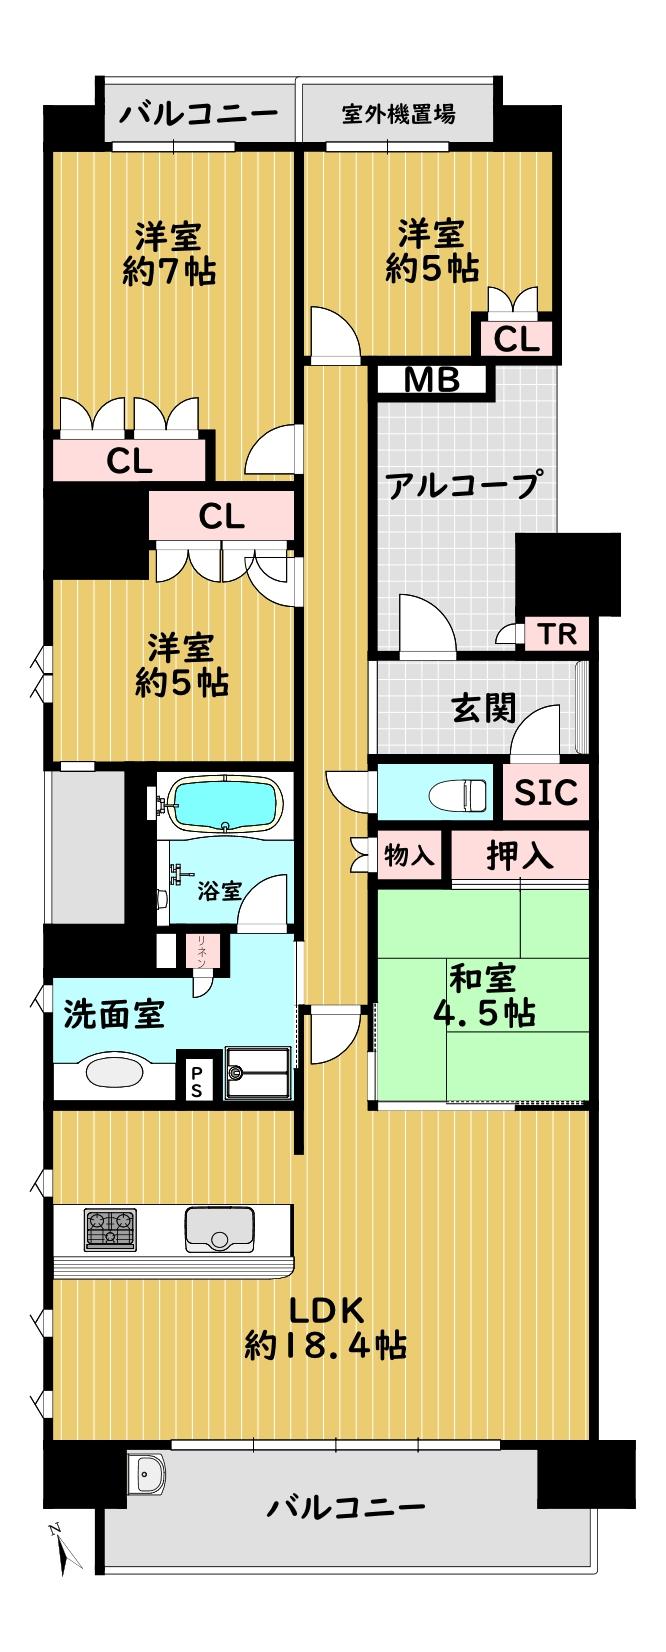 ローレルコート宝塚武庫川町1401 間取り